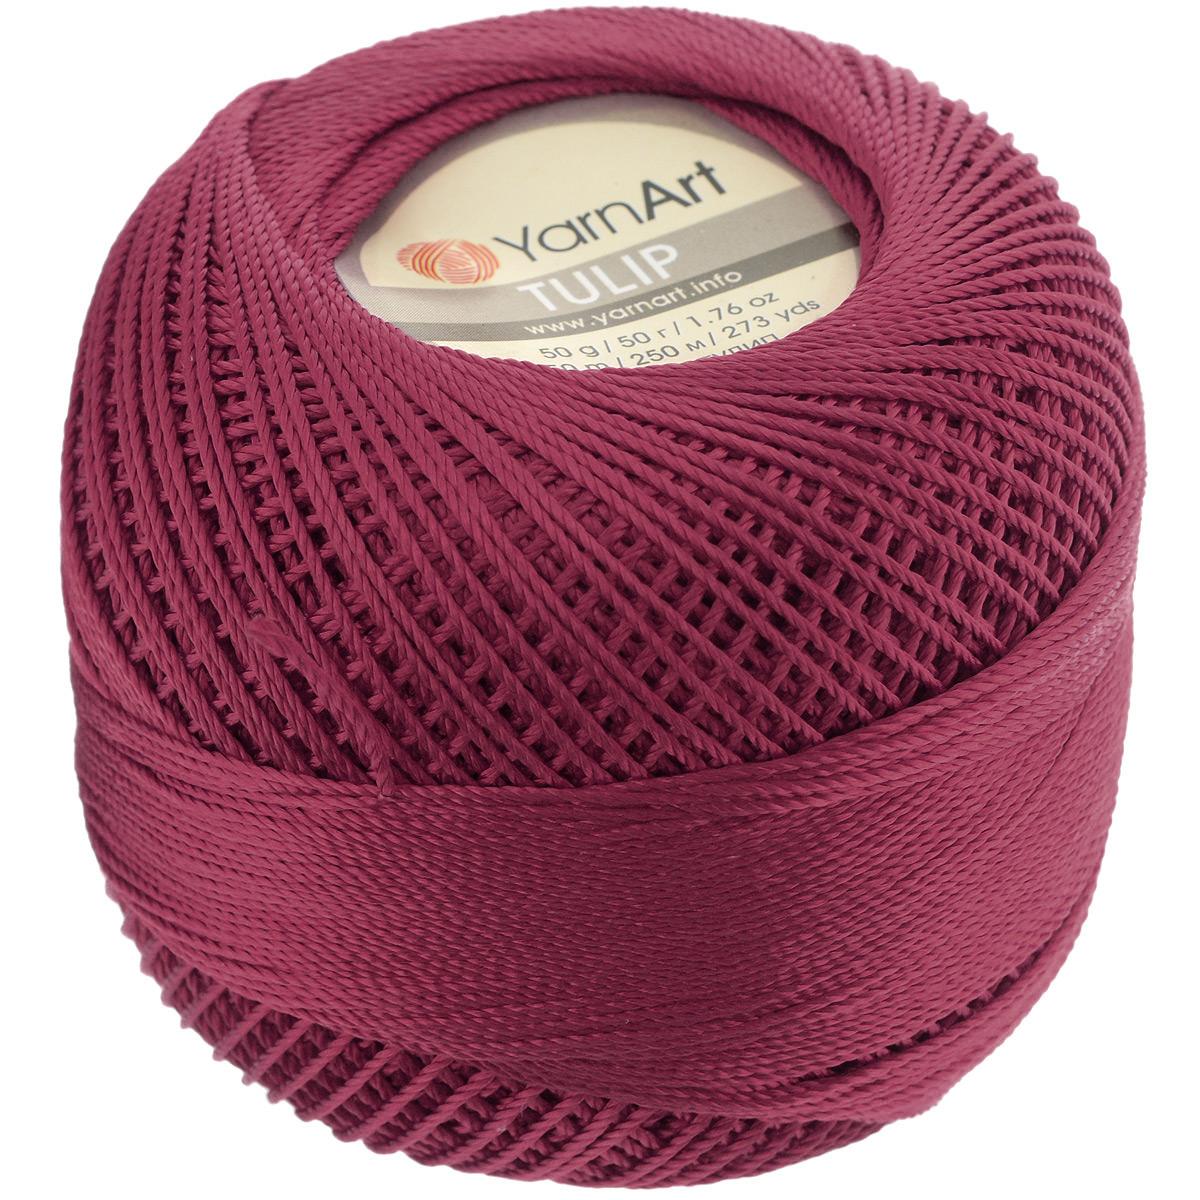 Пряжа для вязания YarnArt Tulip, цвет: бордо (422), 250 м, 50 г, 6 шт372017_422Пряжа для вязания YarnArt Tulip (Ирис) изготовлена из 100% микрофибры. Пряжа приятная на ощупь, легкая, тонкая и упругая. Хорошо смотрится практически в любых узорах, не косит, послушно ложится в узоры и спицами, и крючком. Ниточка блестящая и такими же блестящими получаются изделия из нее. Нить удобна и практична тем, что хорошо смотрится как в объемных рельефных узорах, так и в самой простой чулочной вязке. Пряжа Tulip - классический вариант демисезонной пряжи, идеальна для создания летней одежды, купальников, аксессуаров, бижутерии, салфеток, ирландского кружева, жгутов и т.д. Нежная текстура ниток подходит для создания одежды детям. Изделия получаются легкими, не деформируются и не вытягиваются ни при вязании, ни при последующей носке. Микрофибра гипоаллергенна, поэтому вязаные вещи подходят даже для чувствительной кожи. Богатая цветовая гамма однотонных и меланжевых расцветок порадует рукодельниц и удовлетворит даже самых взыскательных модниц. Нить очень...